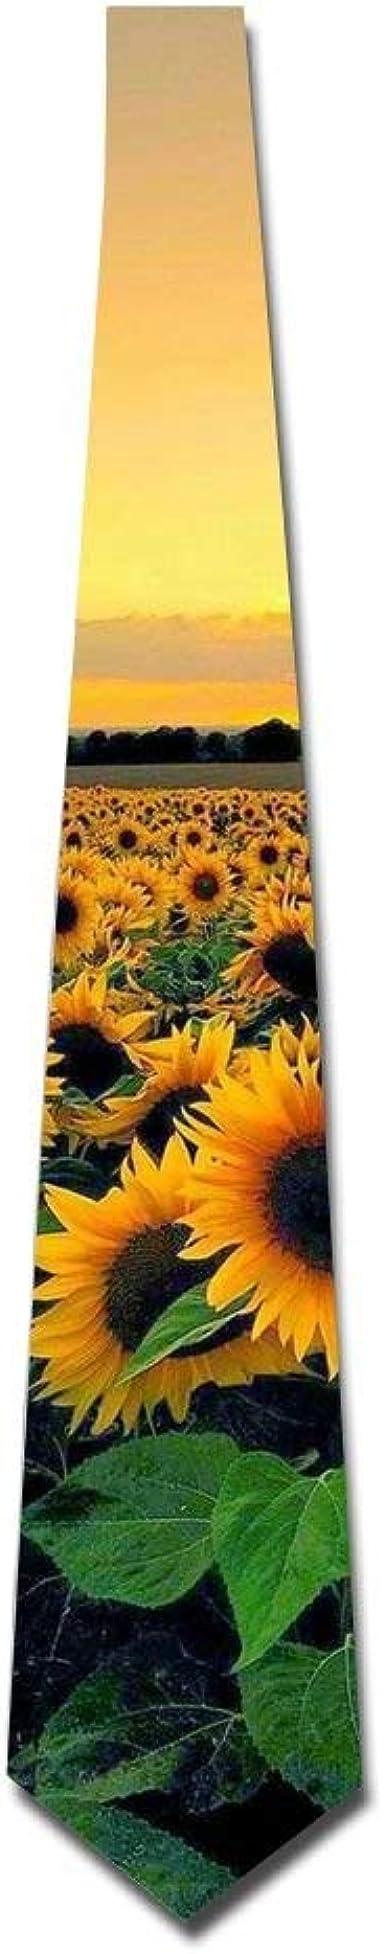 Flower Ties-Black Necktie-Skinny Ties Free Shipping-Sunflower Skinny Tie-Sunflower Tie Flower Tie-Floral Tie